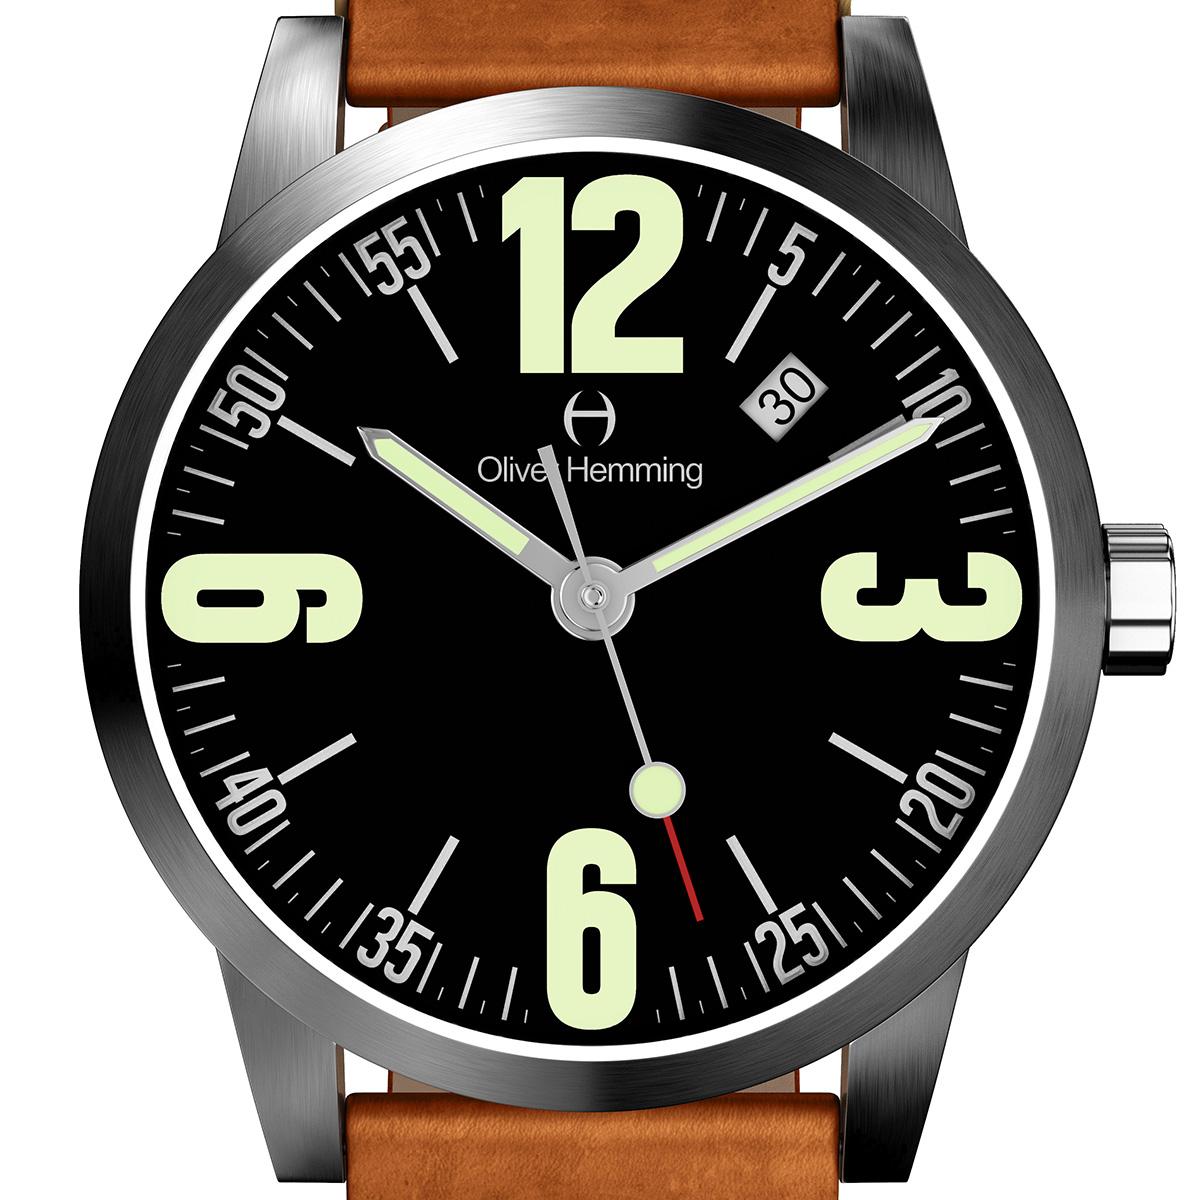 【残り1点】Oliver Hemming オリバーヘミング クォーツ 腕時計 イギリス アート デザイン [WT17SB66BVT] 正規代理店品 純正ケース メーカー保証